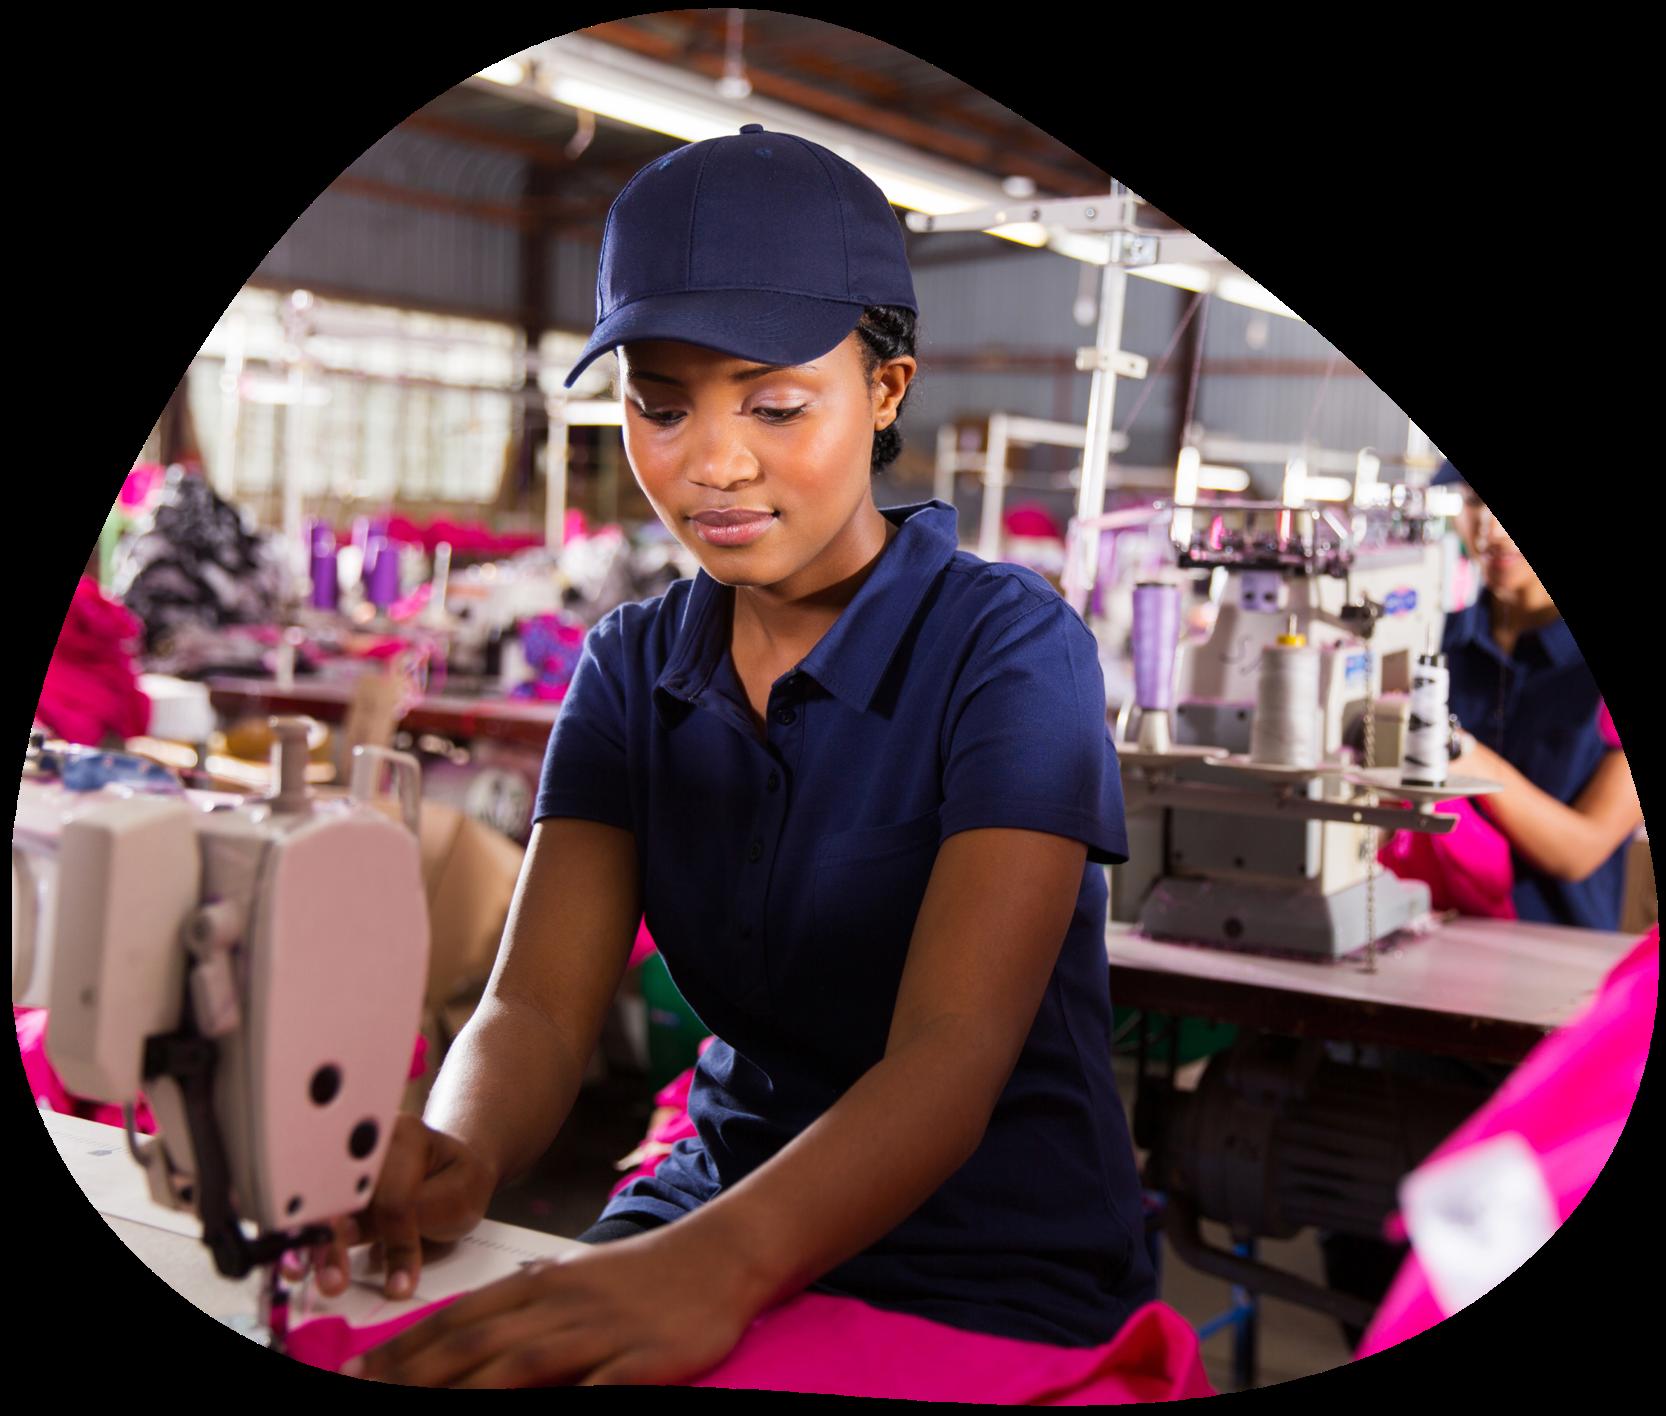 Woman operating sewing machine